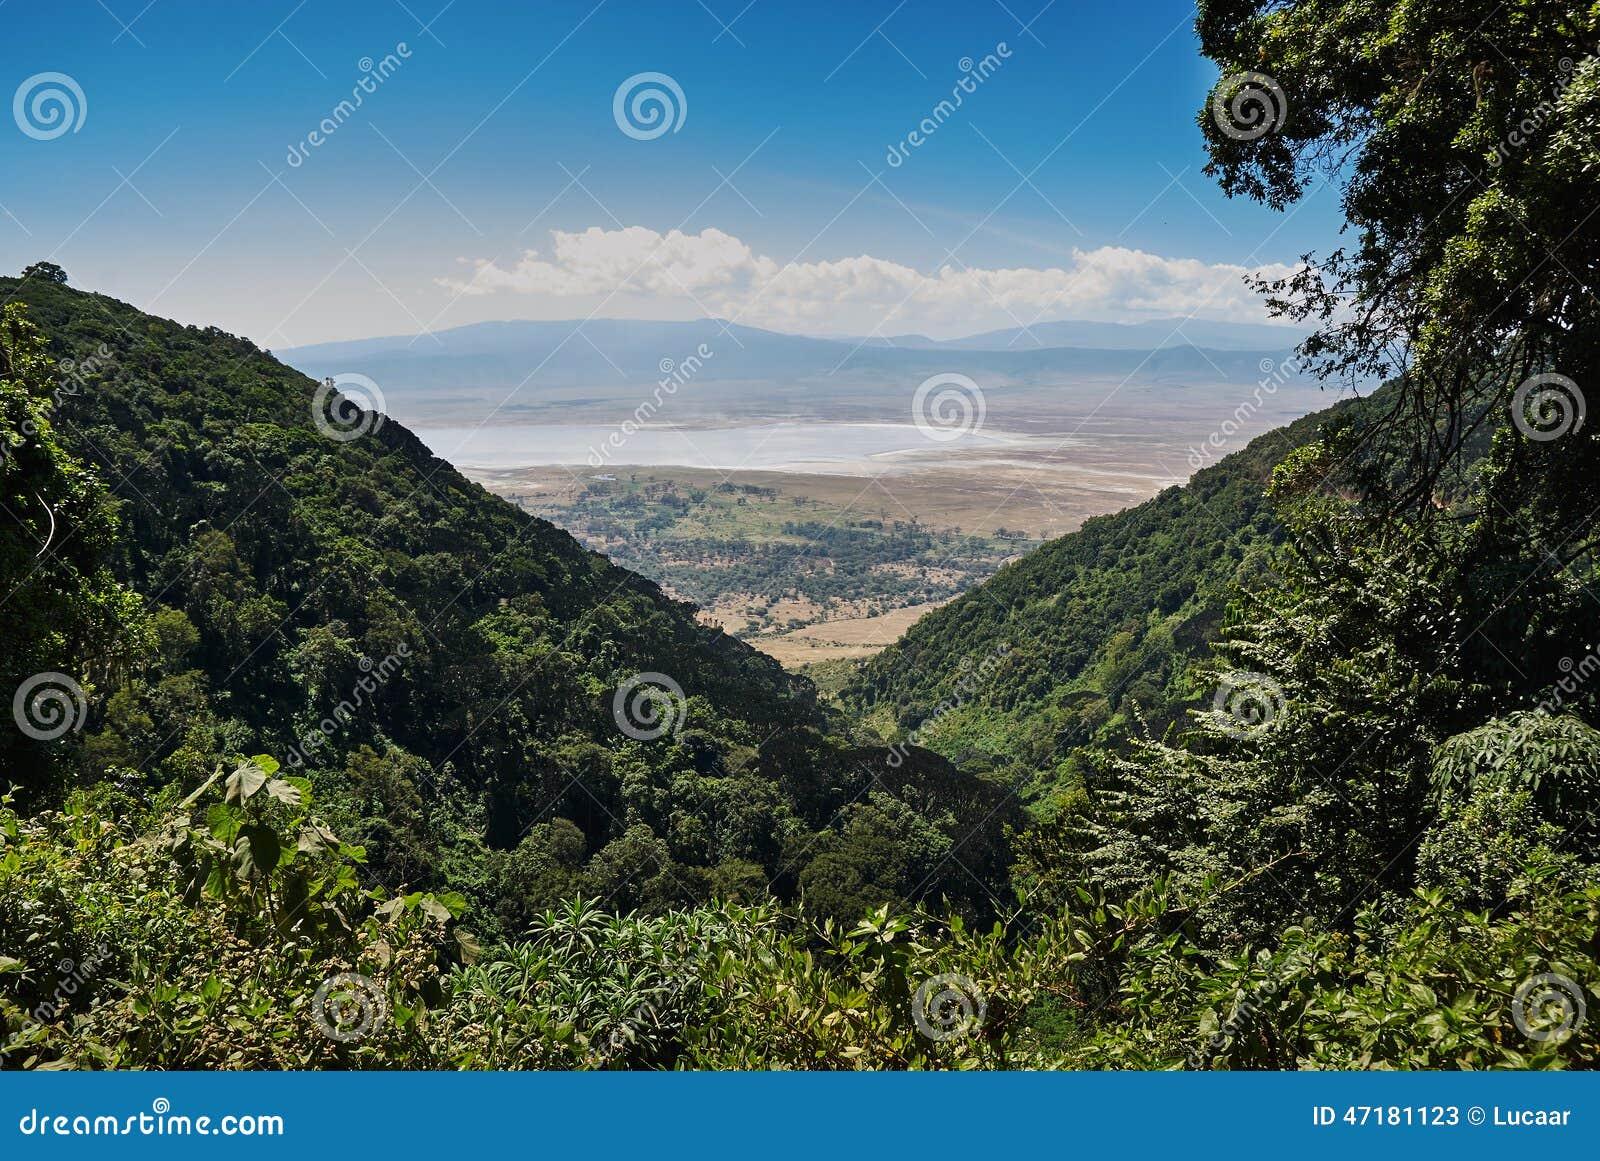 000 25 180 Africa wzdłuż zwierząt w przybliżeniu terenu Arusha konserwaci krateru gęstości dziedzictwa wysokich średniogórzy km k